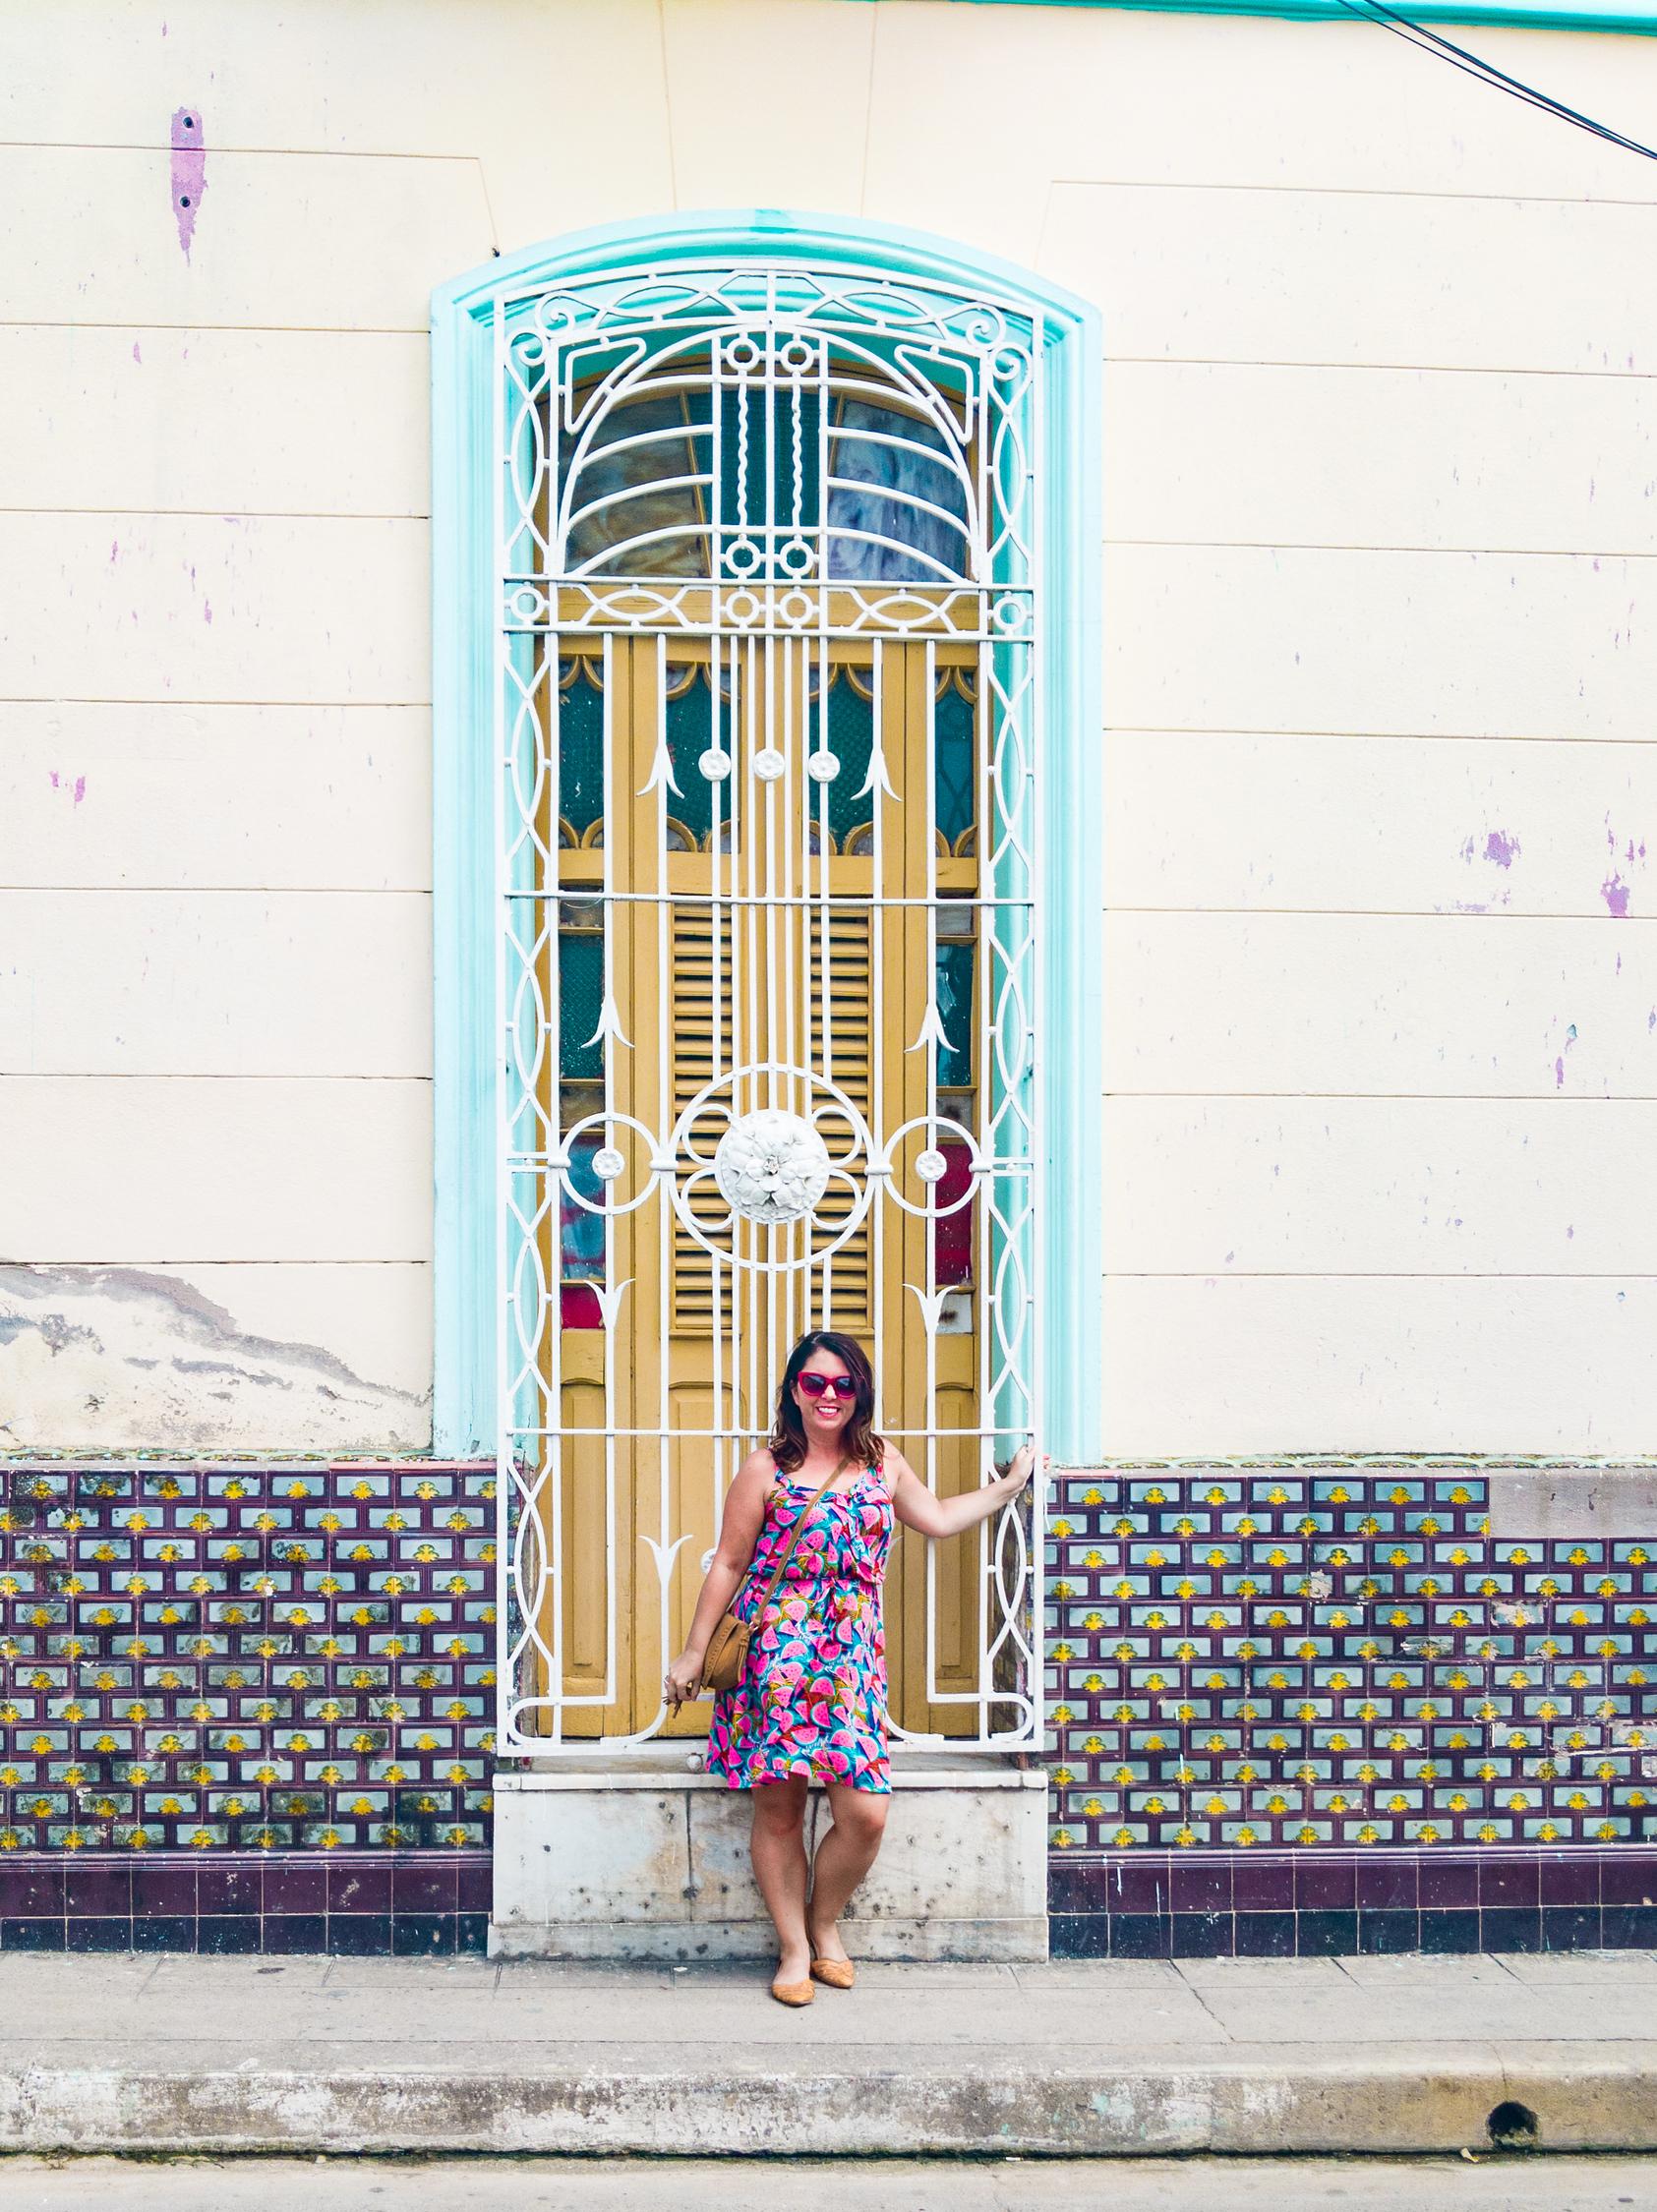 Ayngelina Brogan in Camaguey Cuba